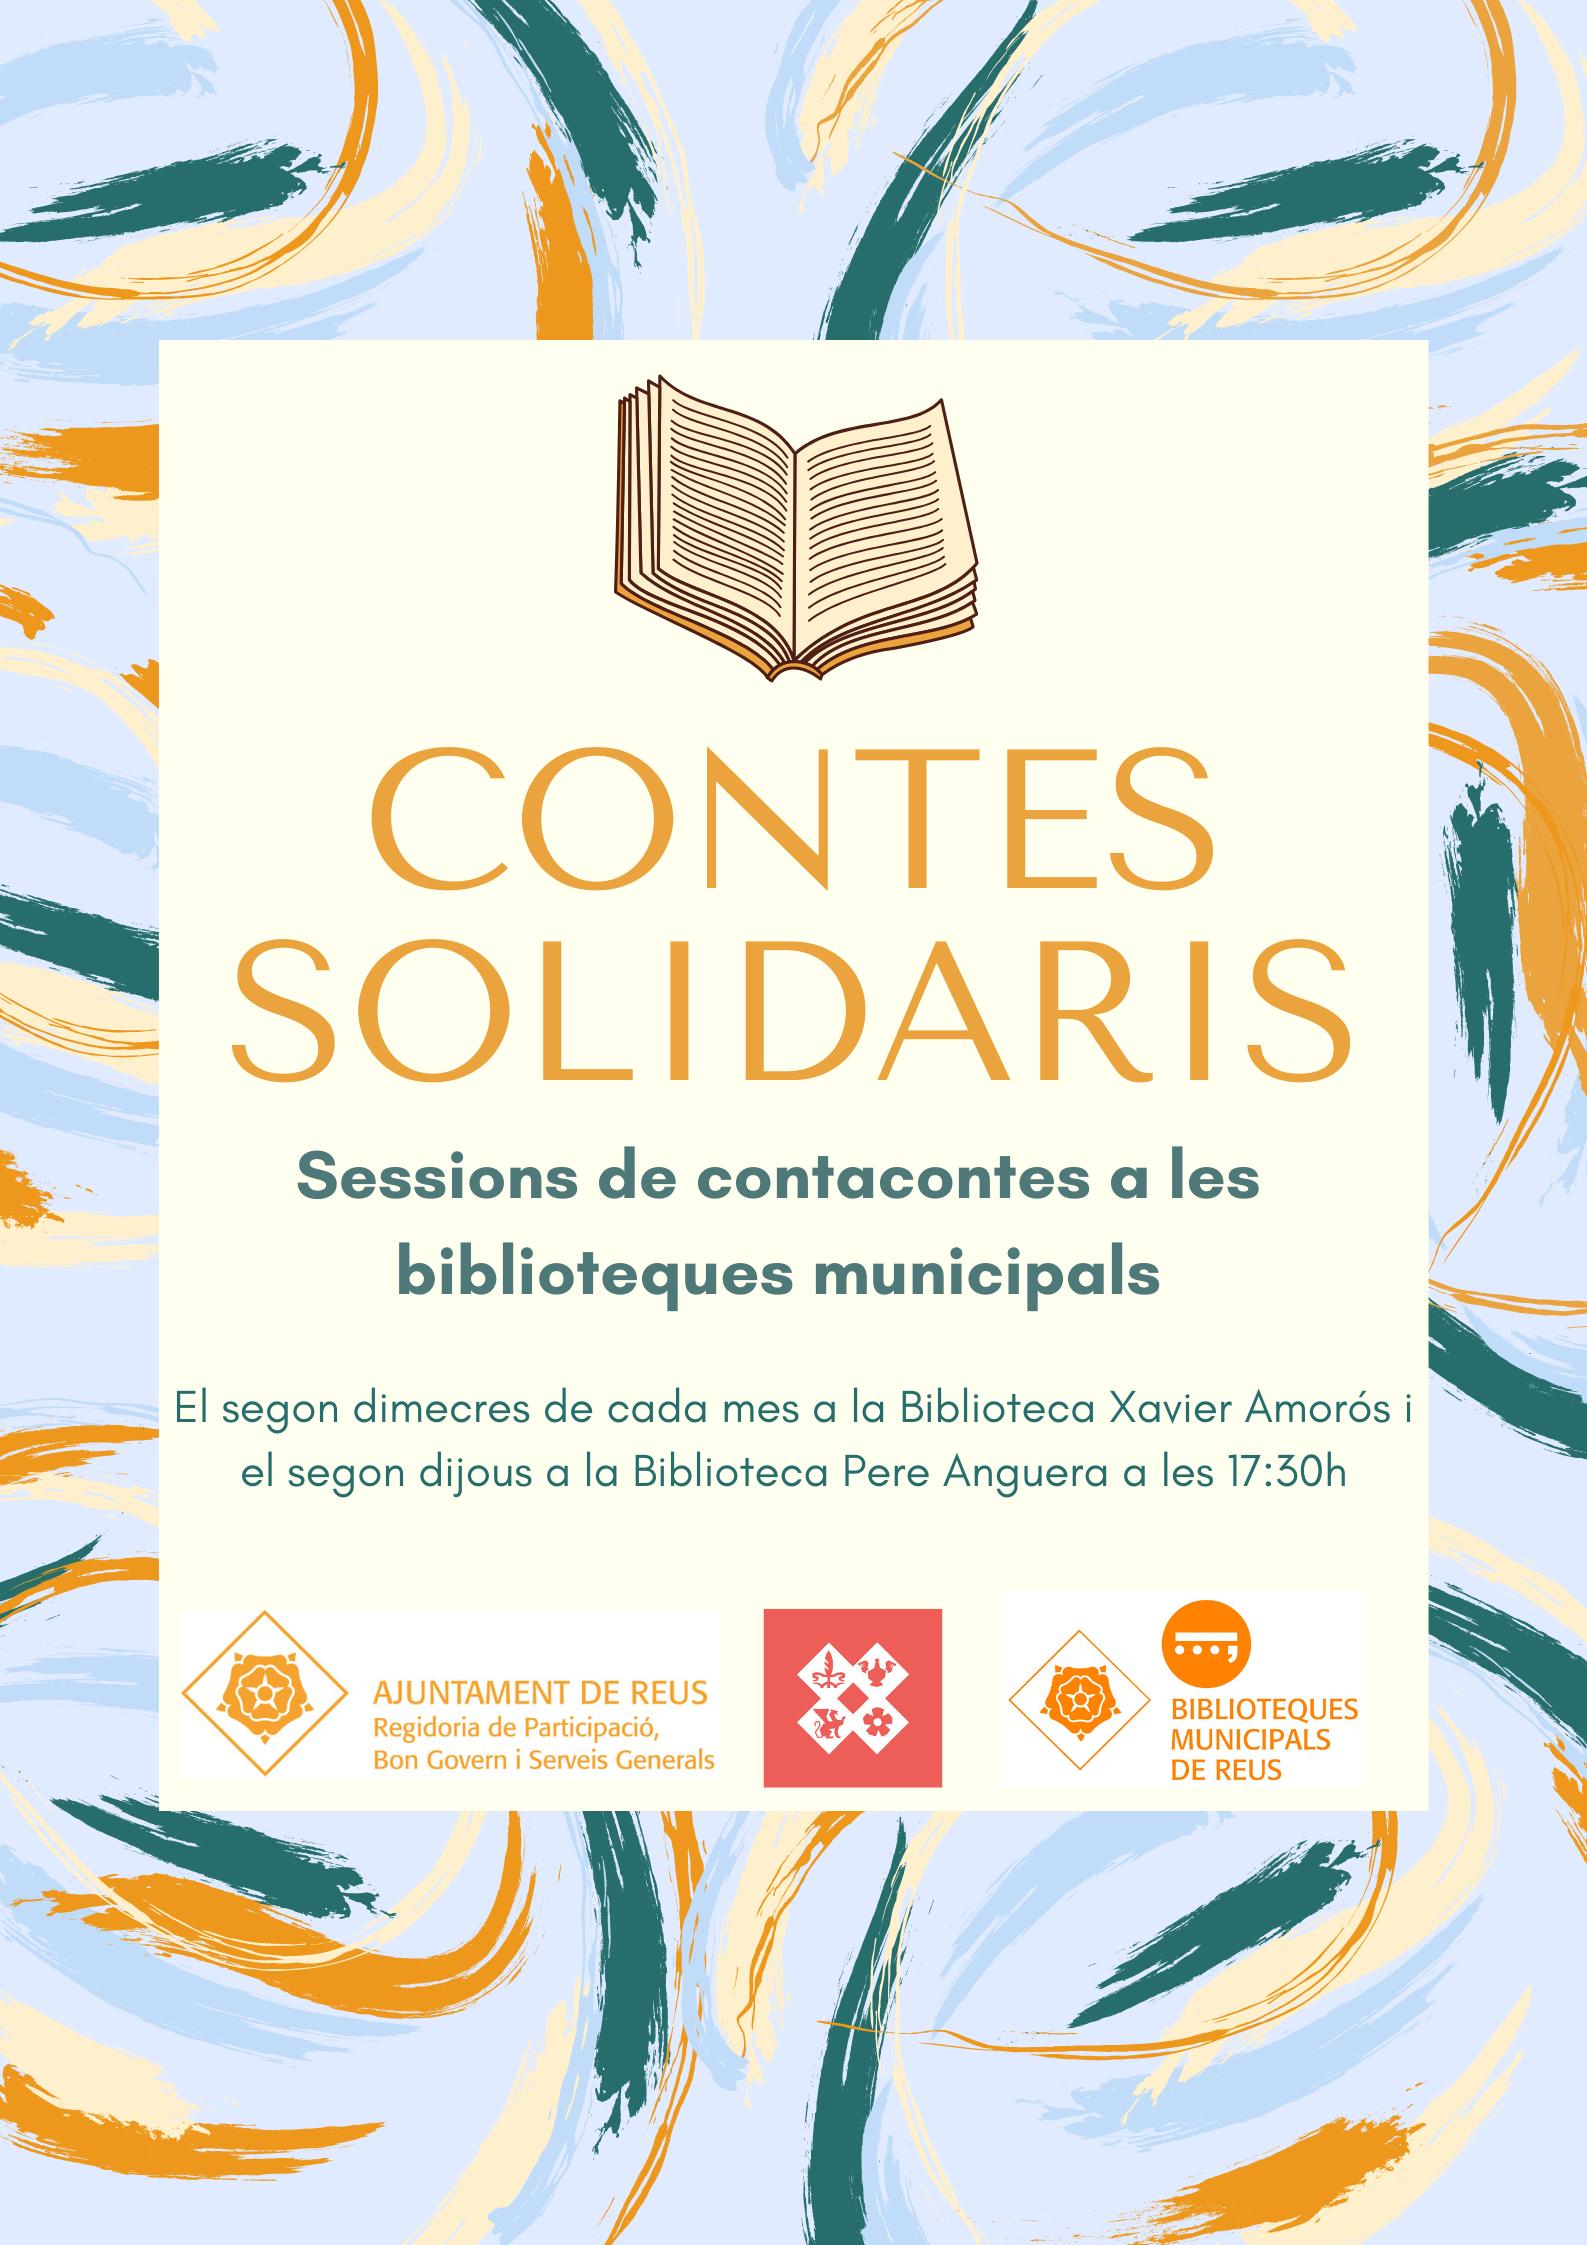 Contes Solidaris